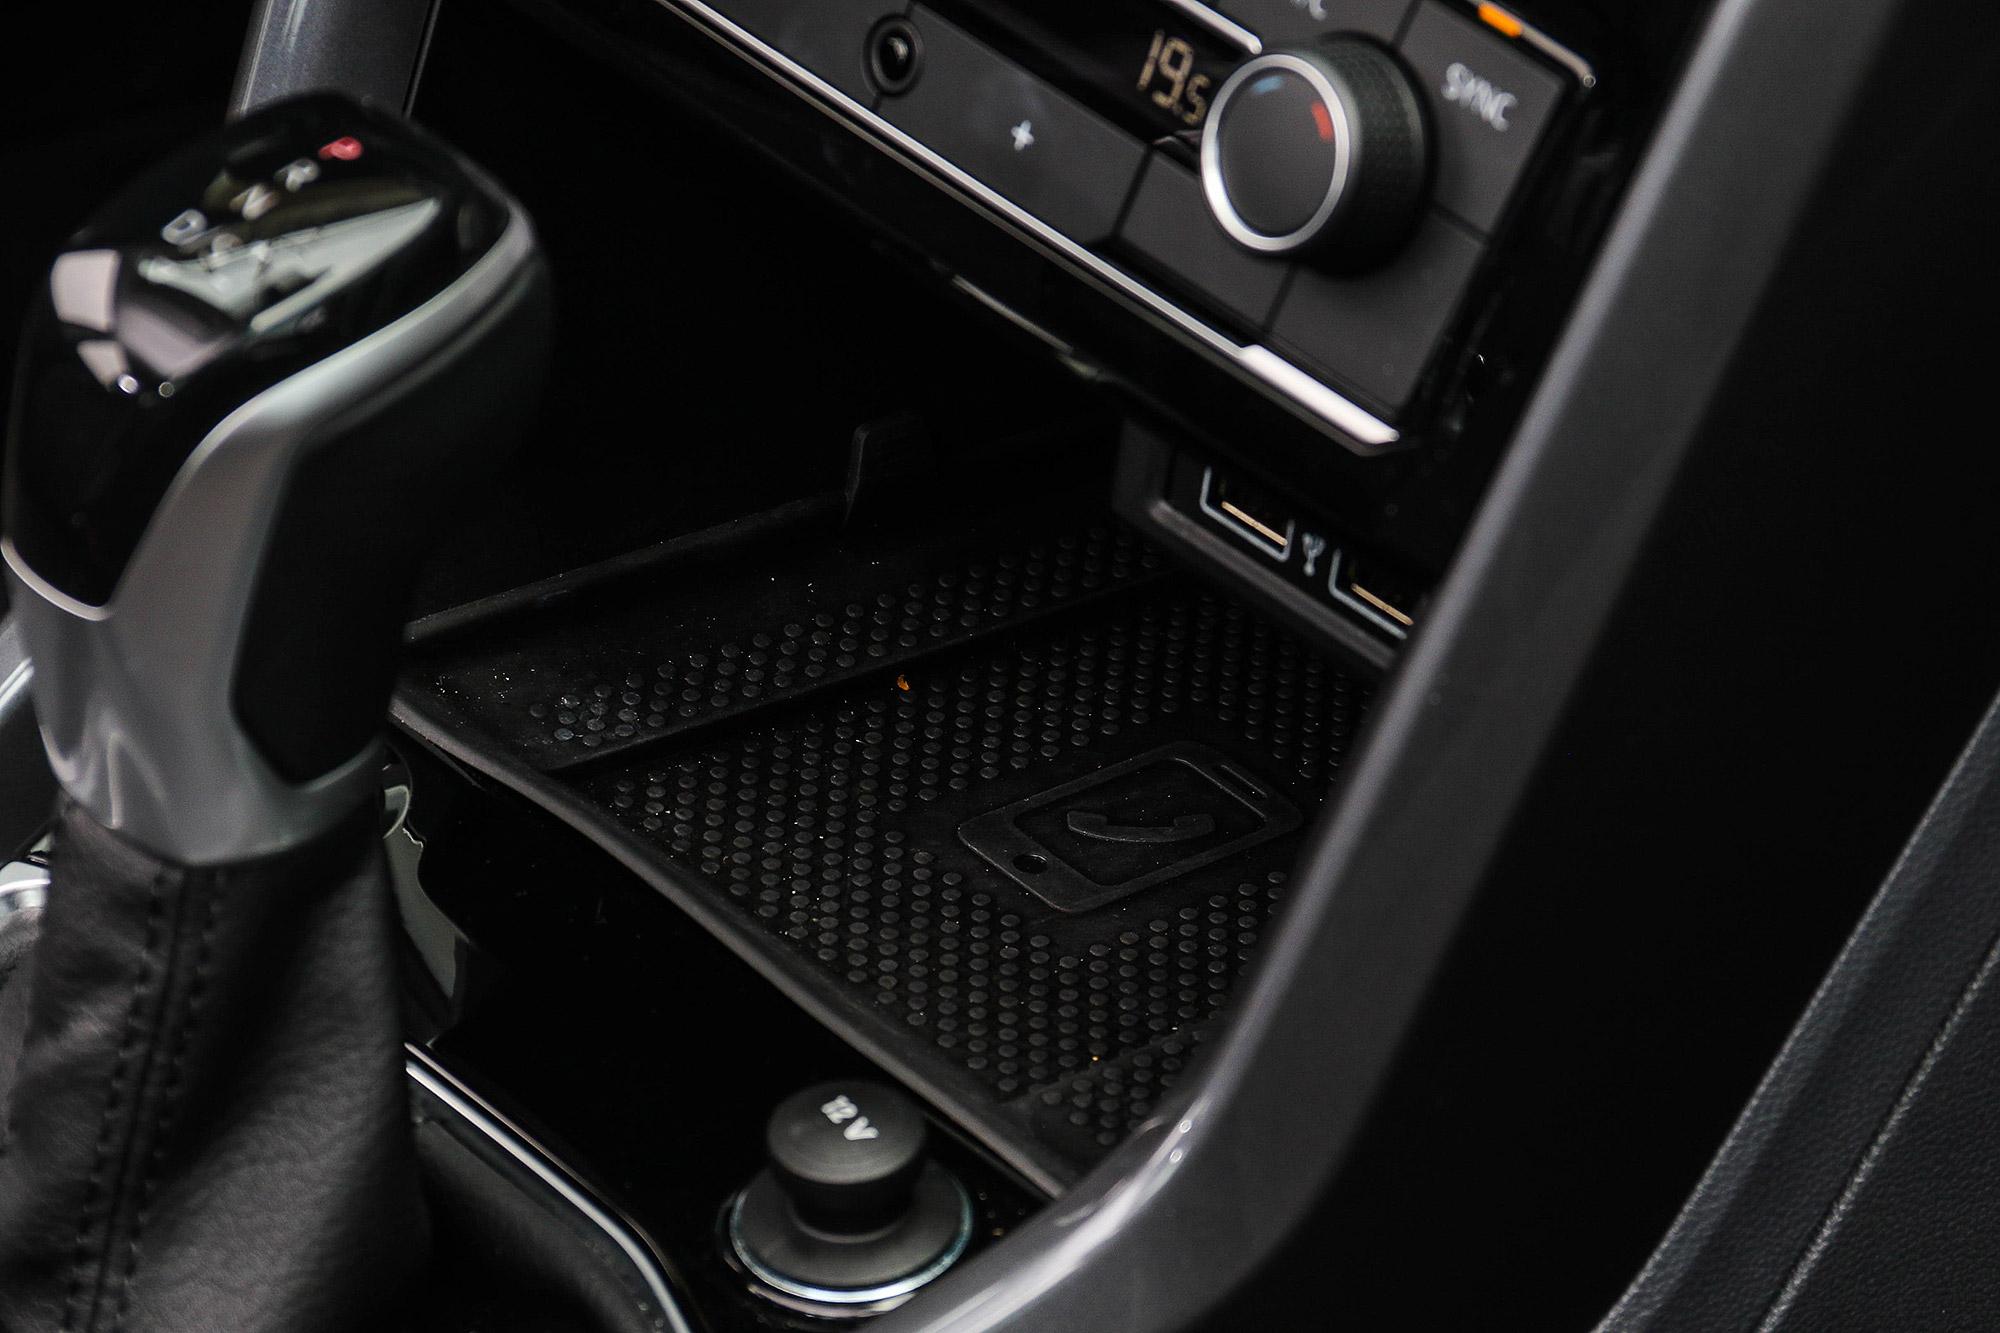 手機無線充電與支援 Apple CarPlay 以及 Android Auto 的 App-Connect 為 Life 車型以上標配。